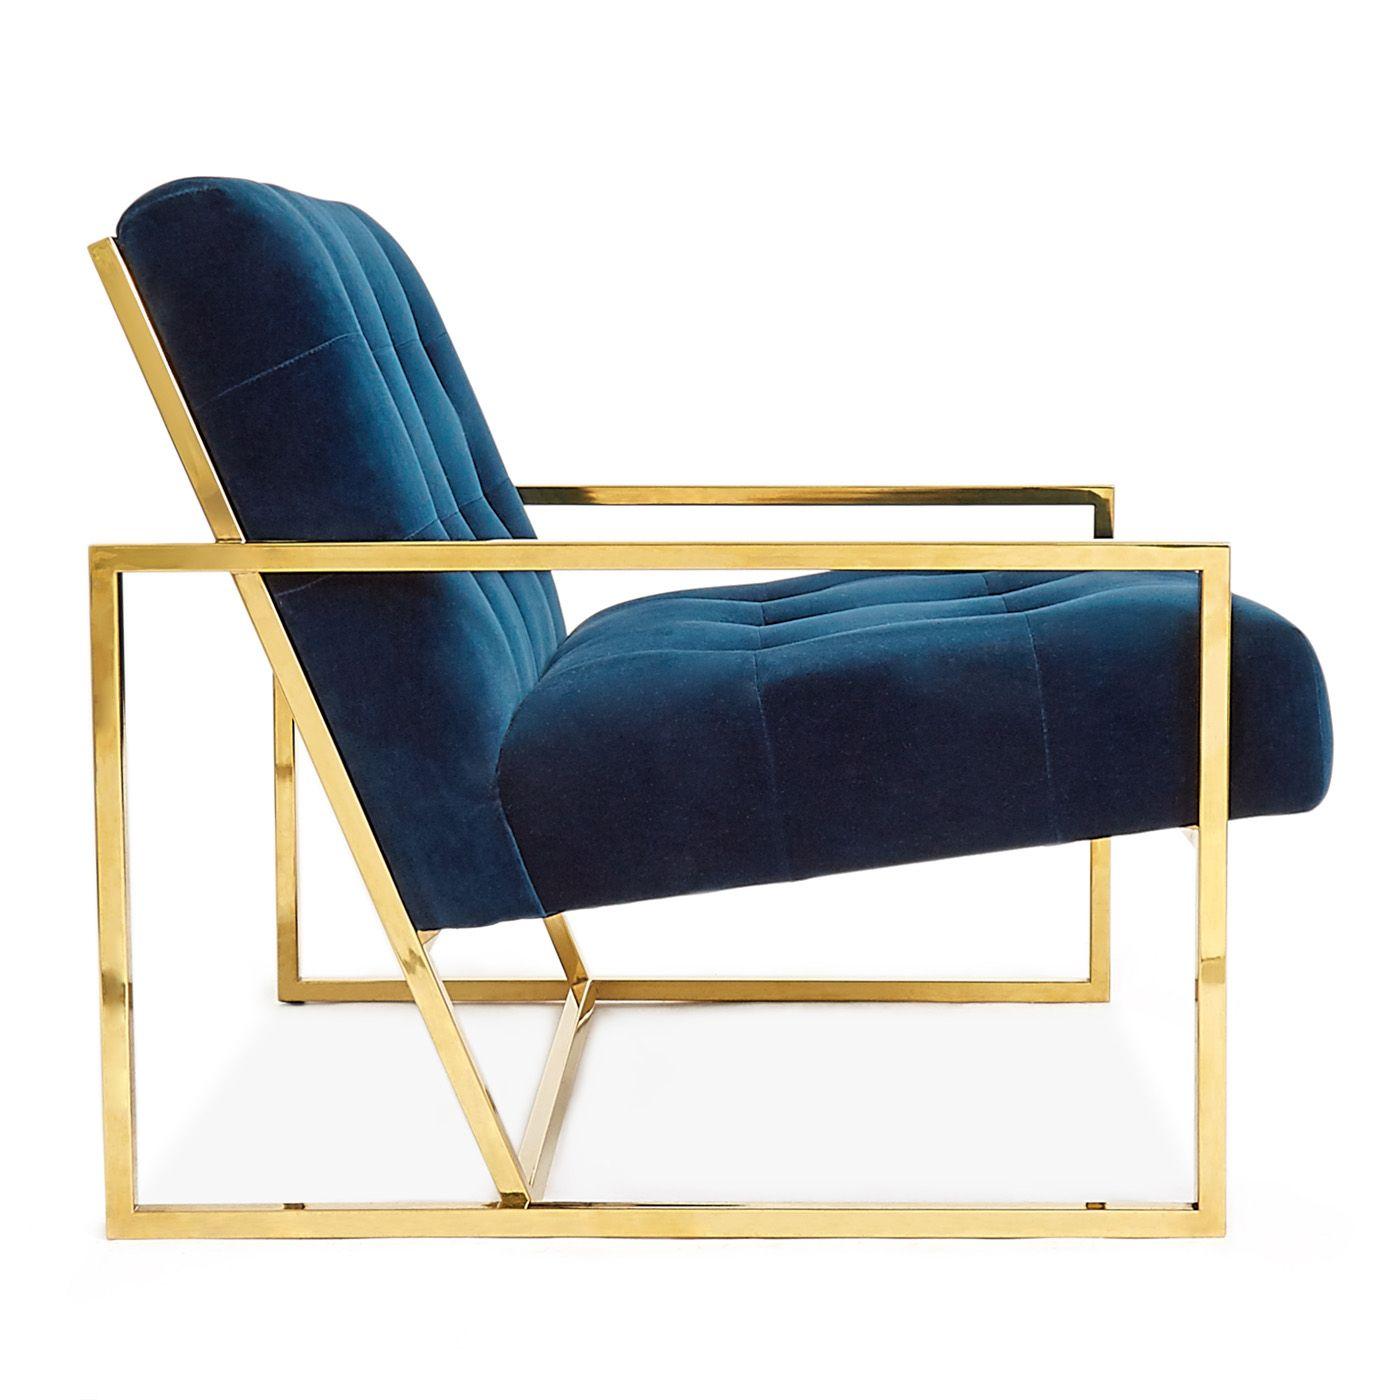 Goldfinger Lounge Chair | Luxus-möbel, Wohnzimmer ideen und Sessel